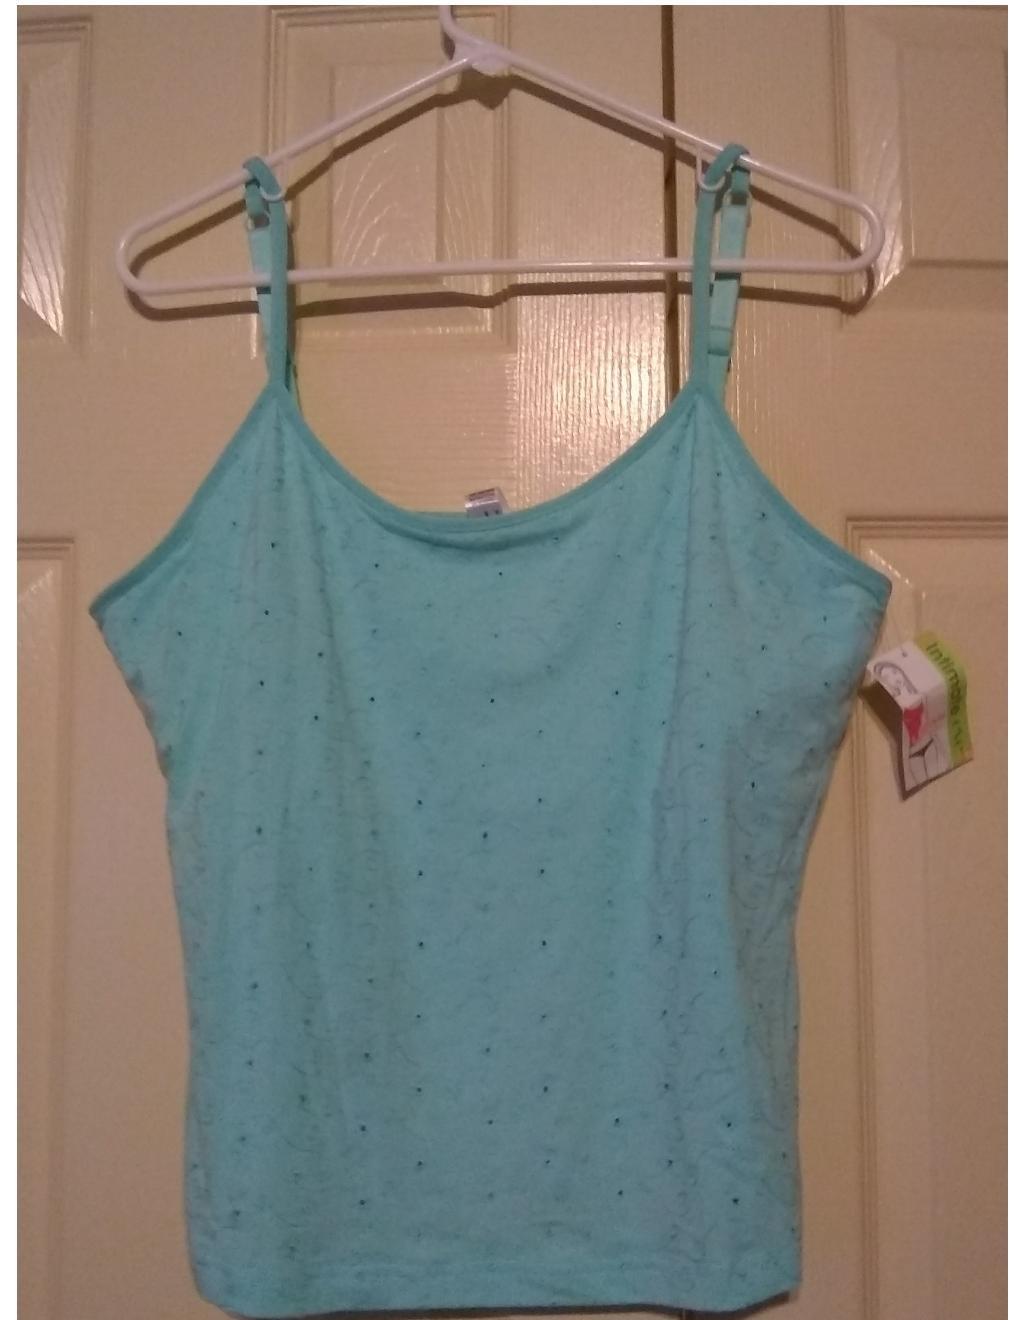 Camisole size cotton 1x